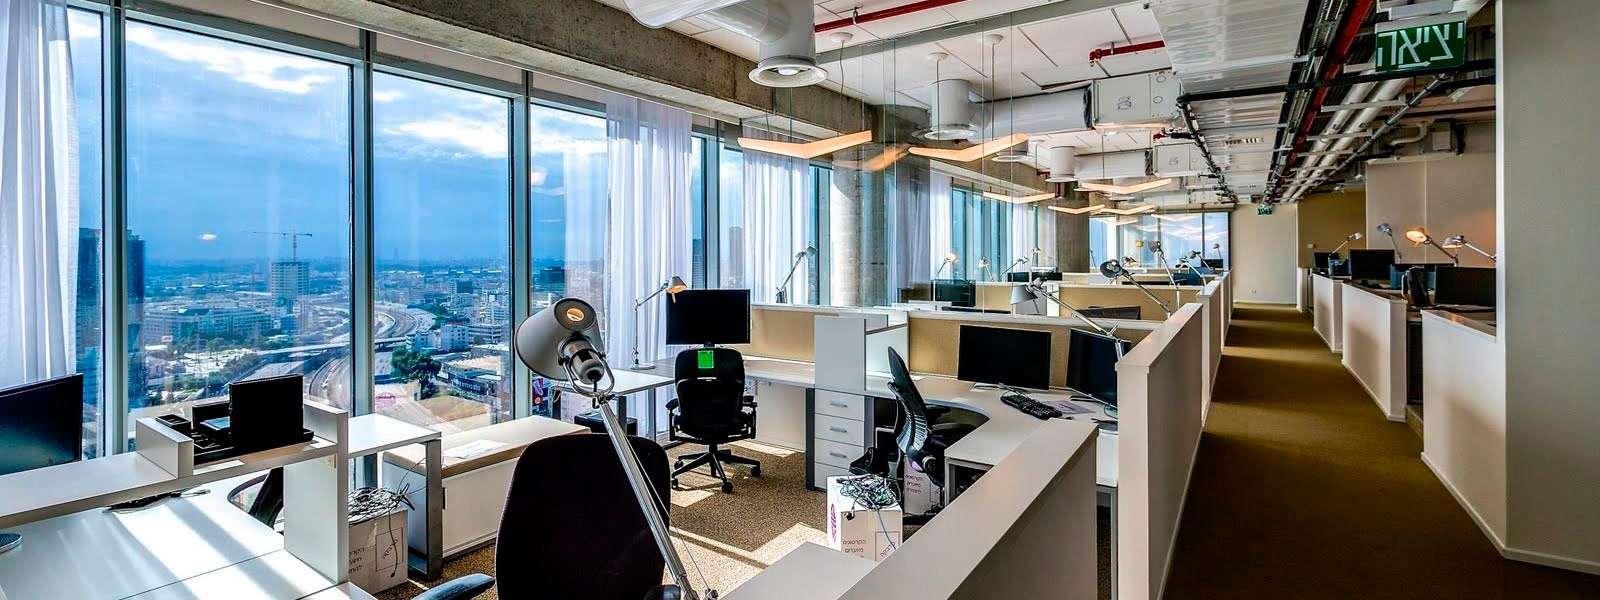 Тепловой насос в бизнес центрах и офисных зданиях